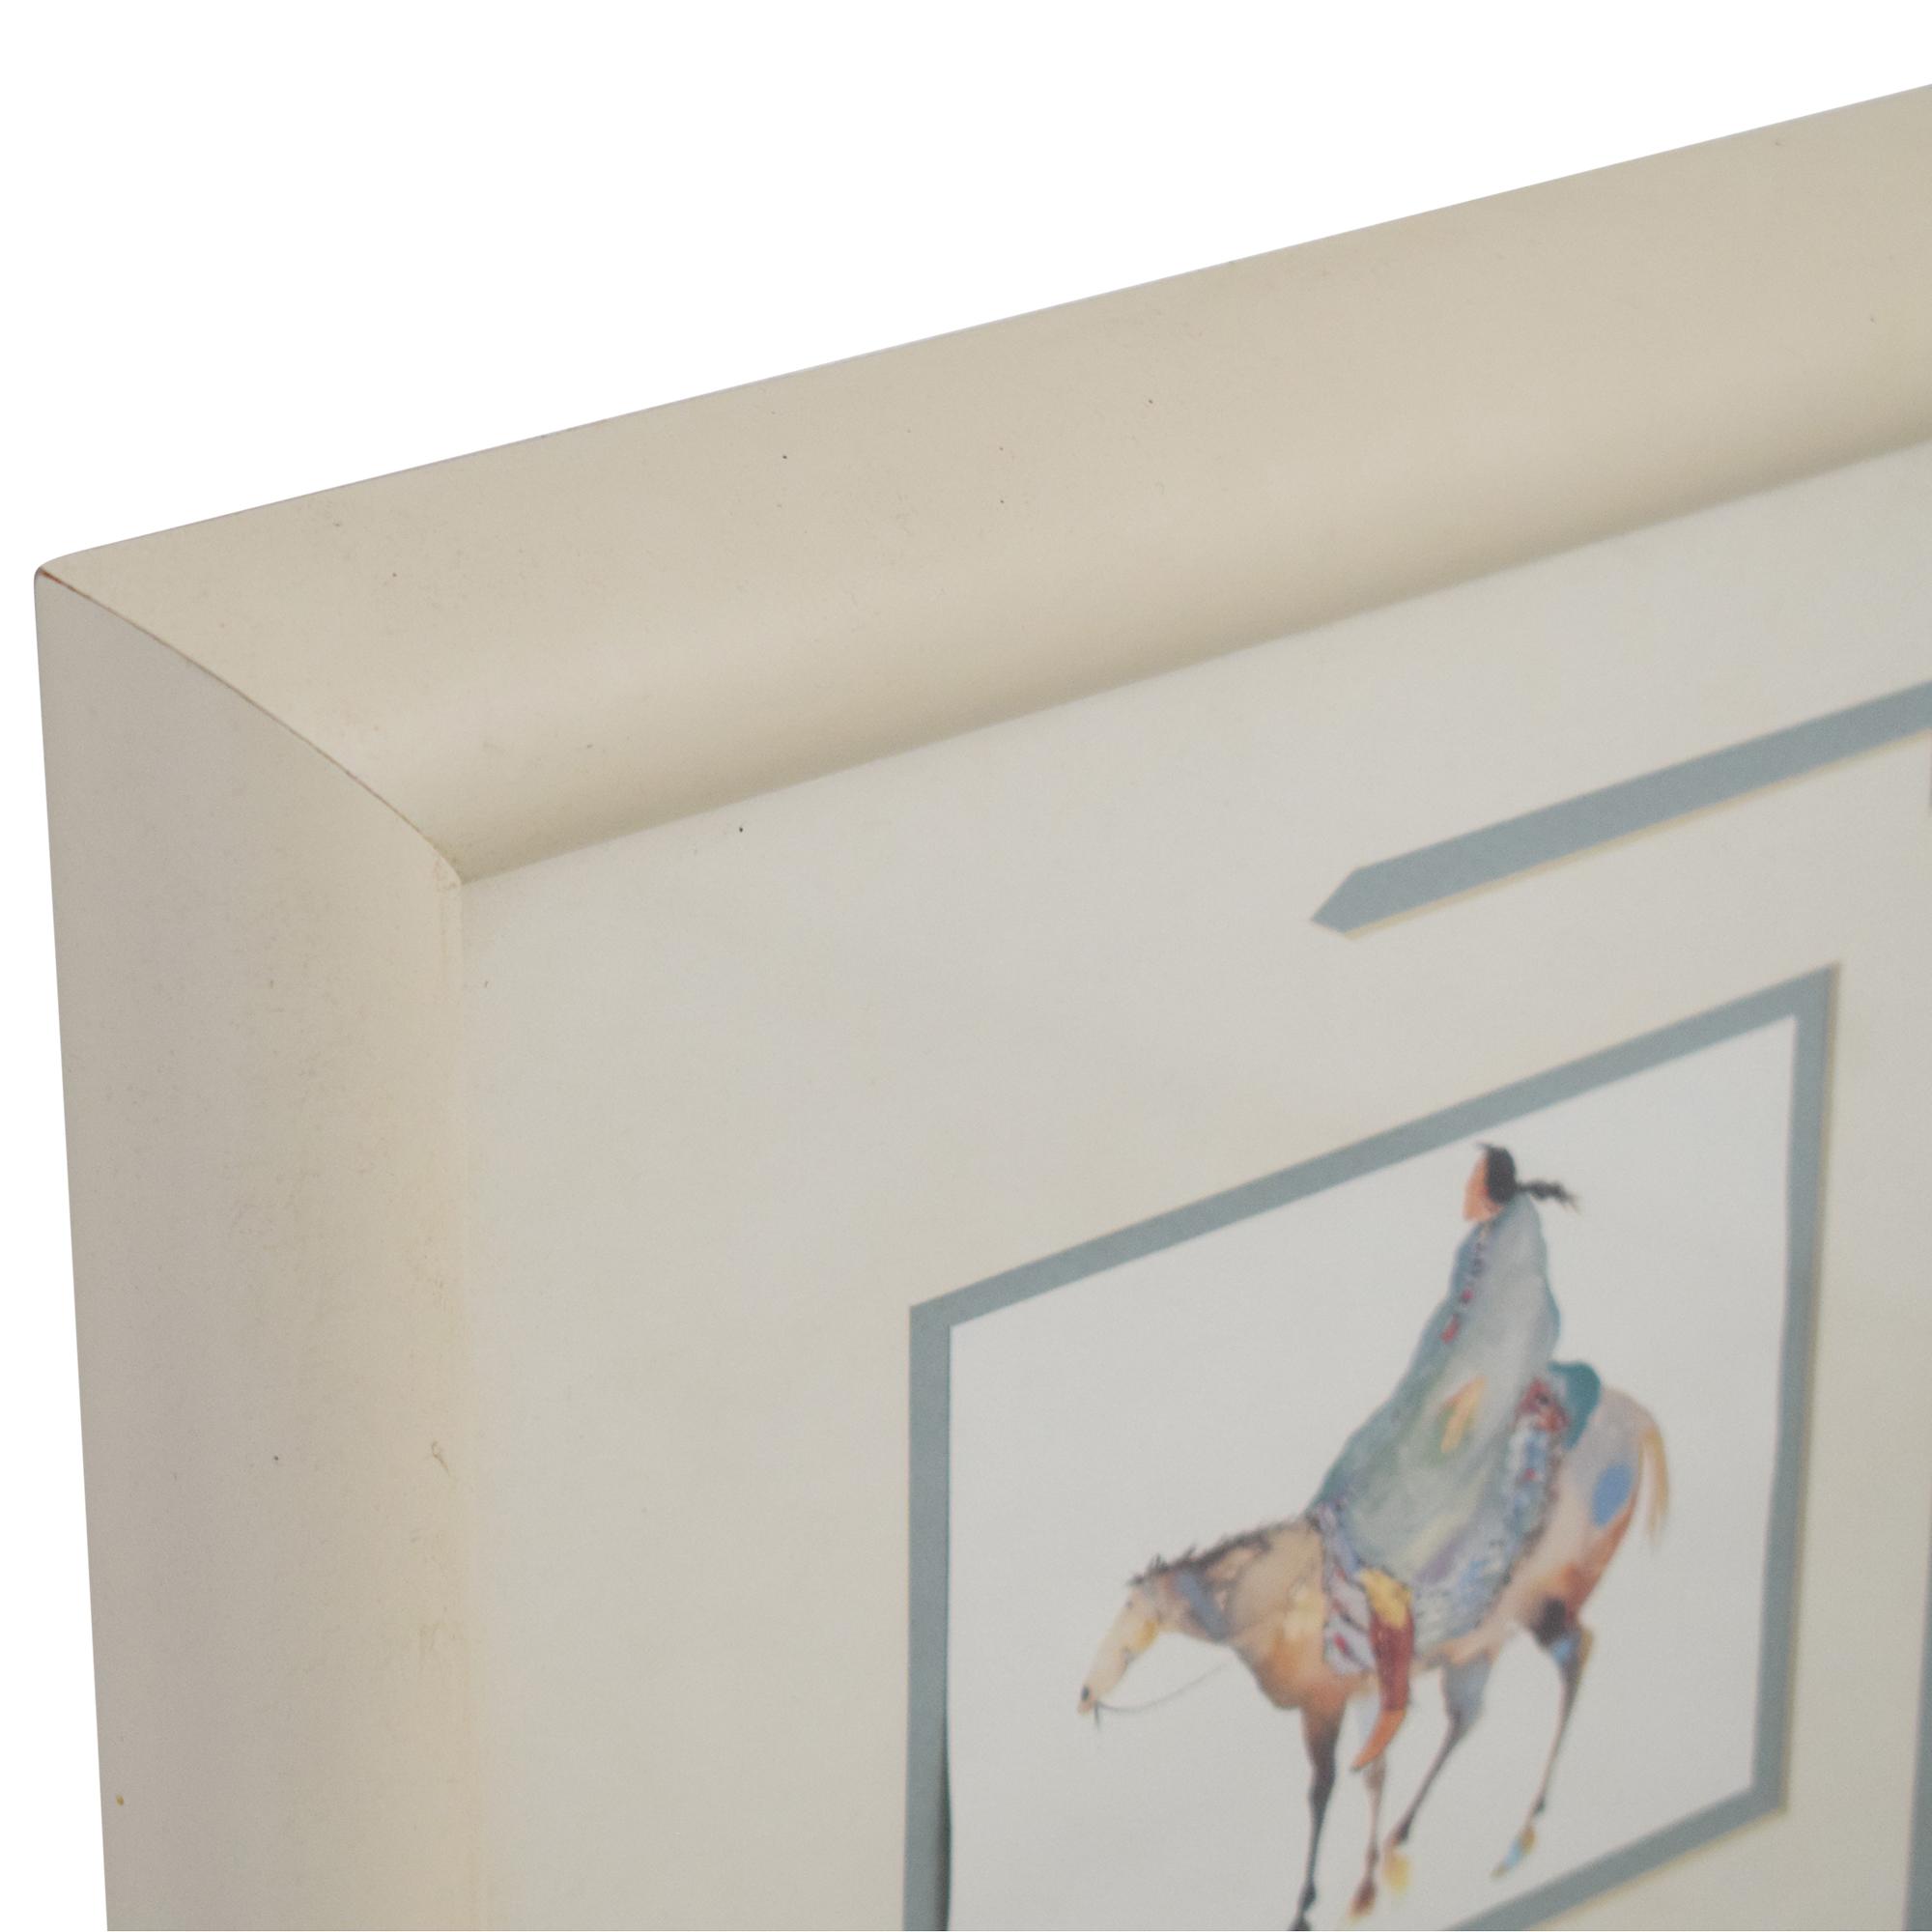 Framed Equestrian Wall Art nj